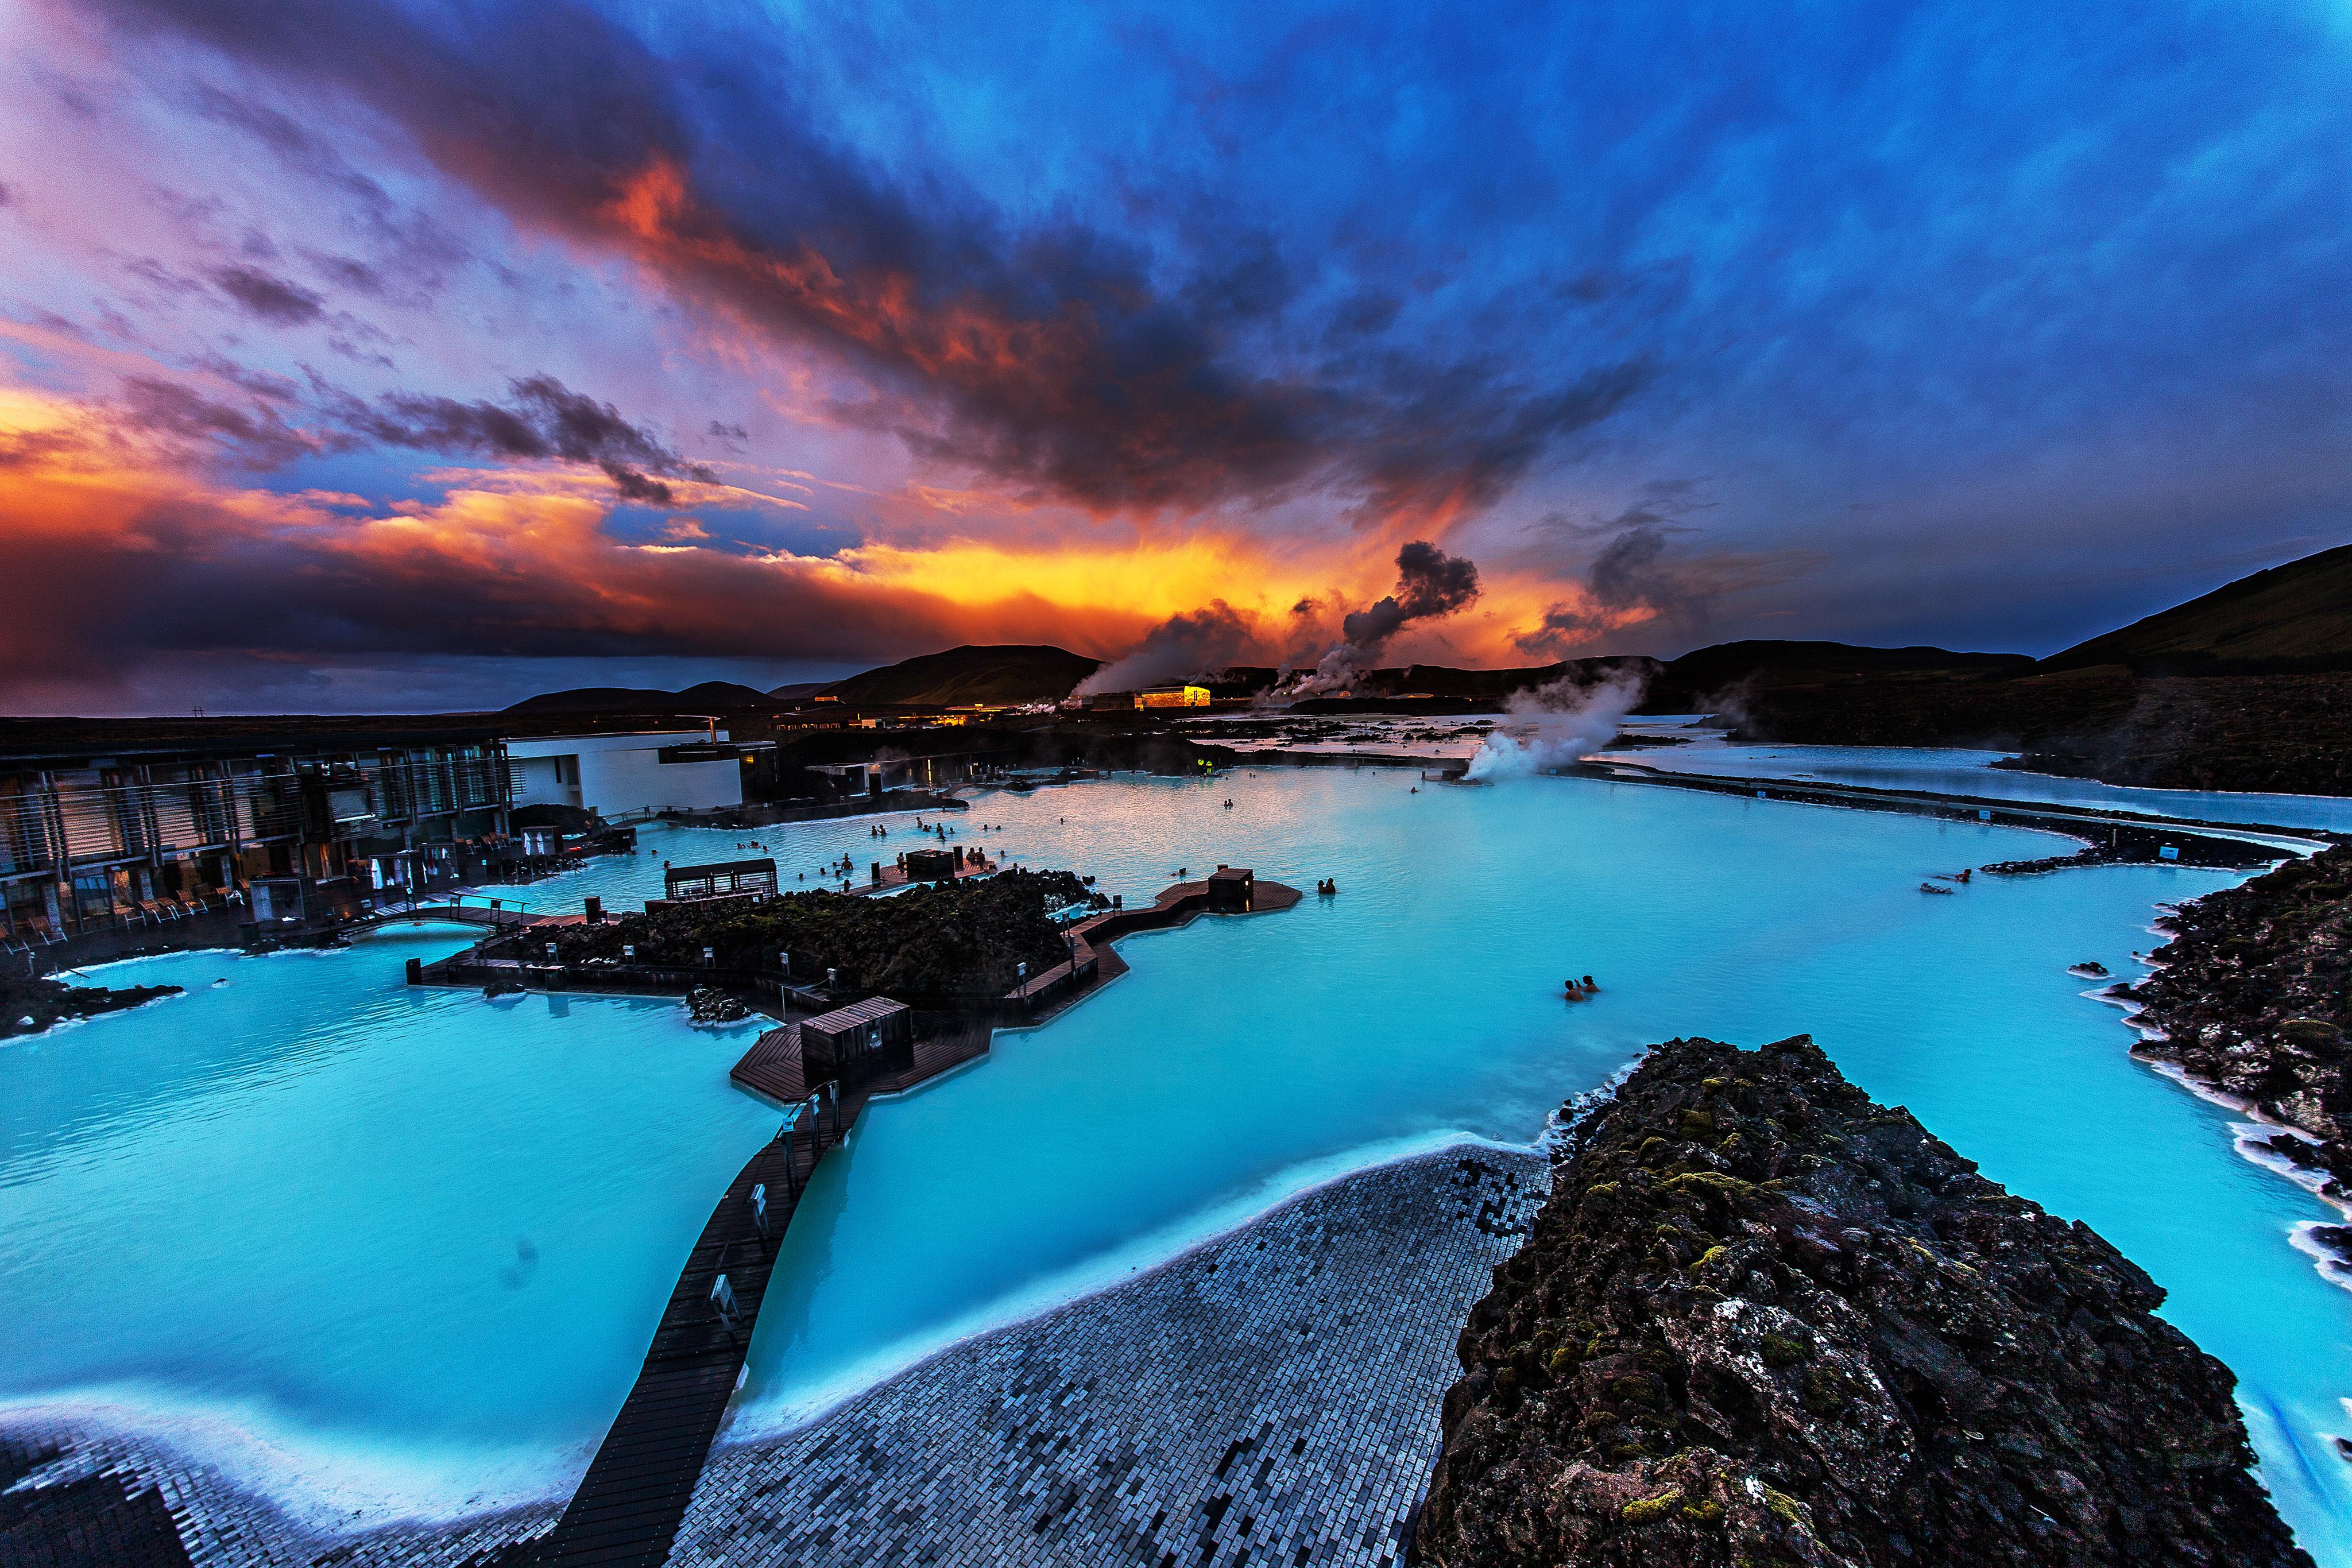 La SPA geotermica Laguna Blu è all'altezza del suo nome, con splendide acque azzurre.